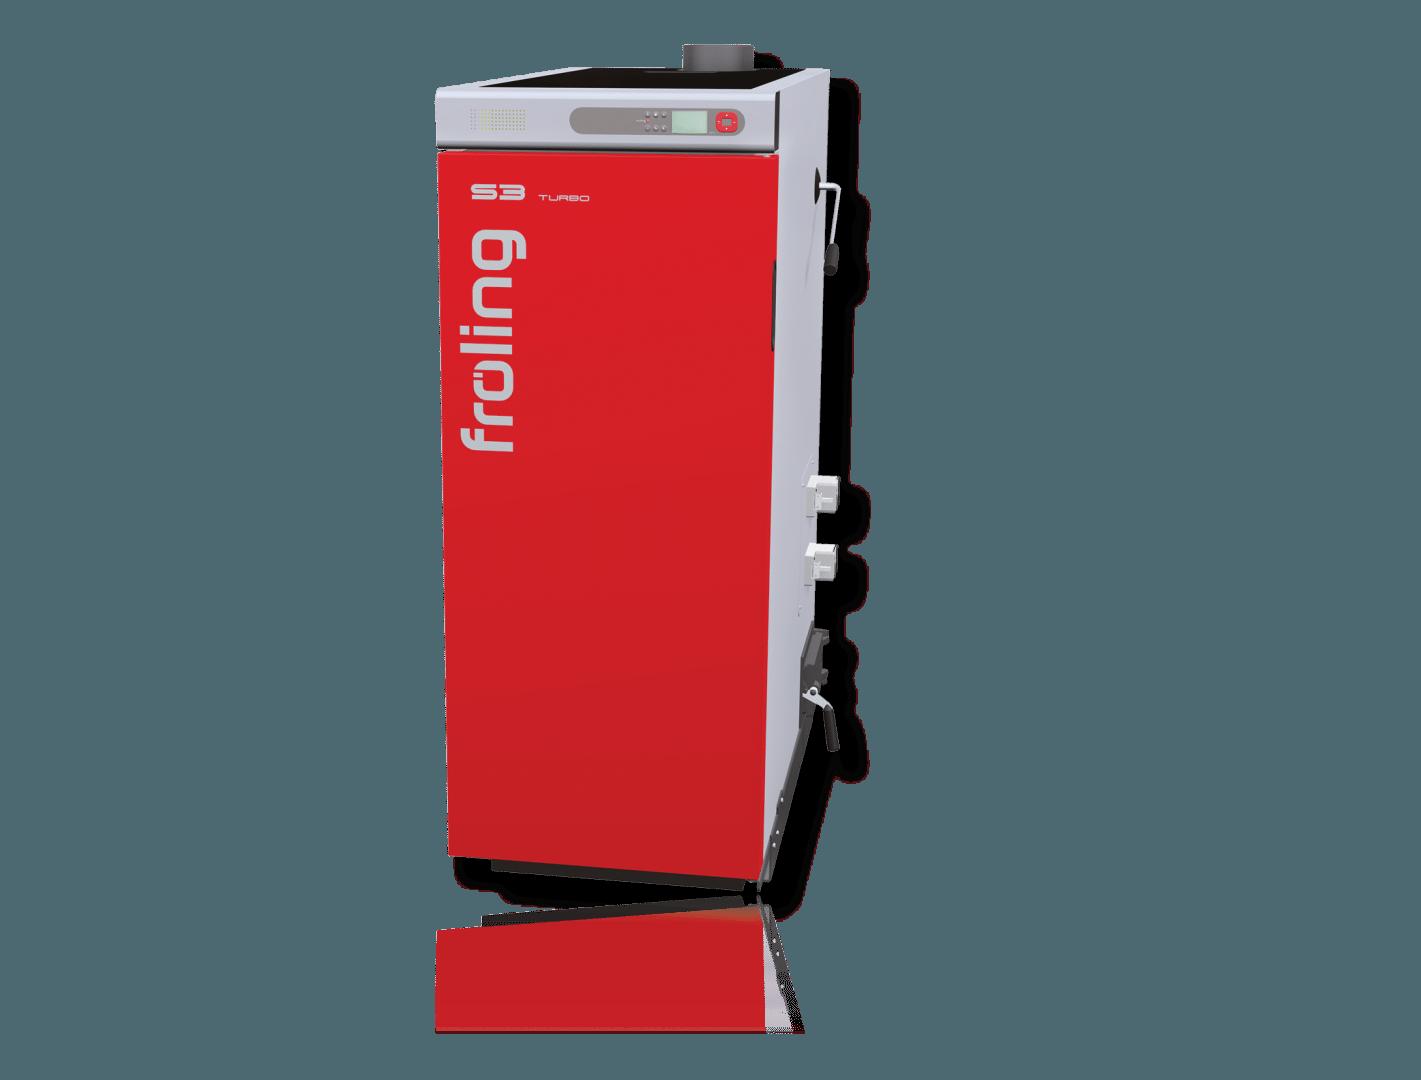 wood boiler indoor wood boiler wood gasification boiler fr ling s3 turbo